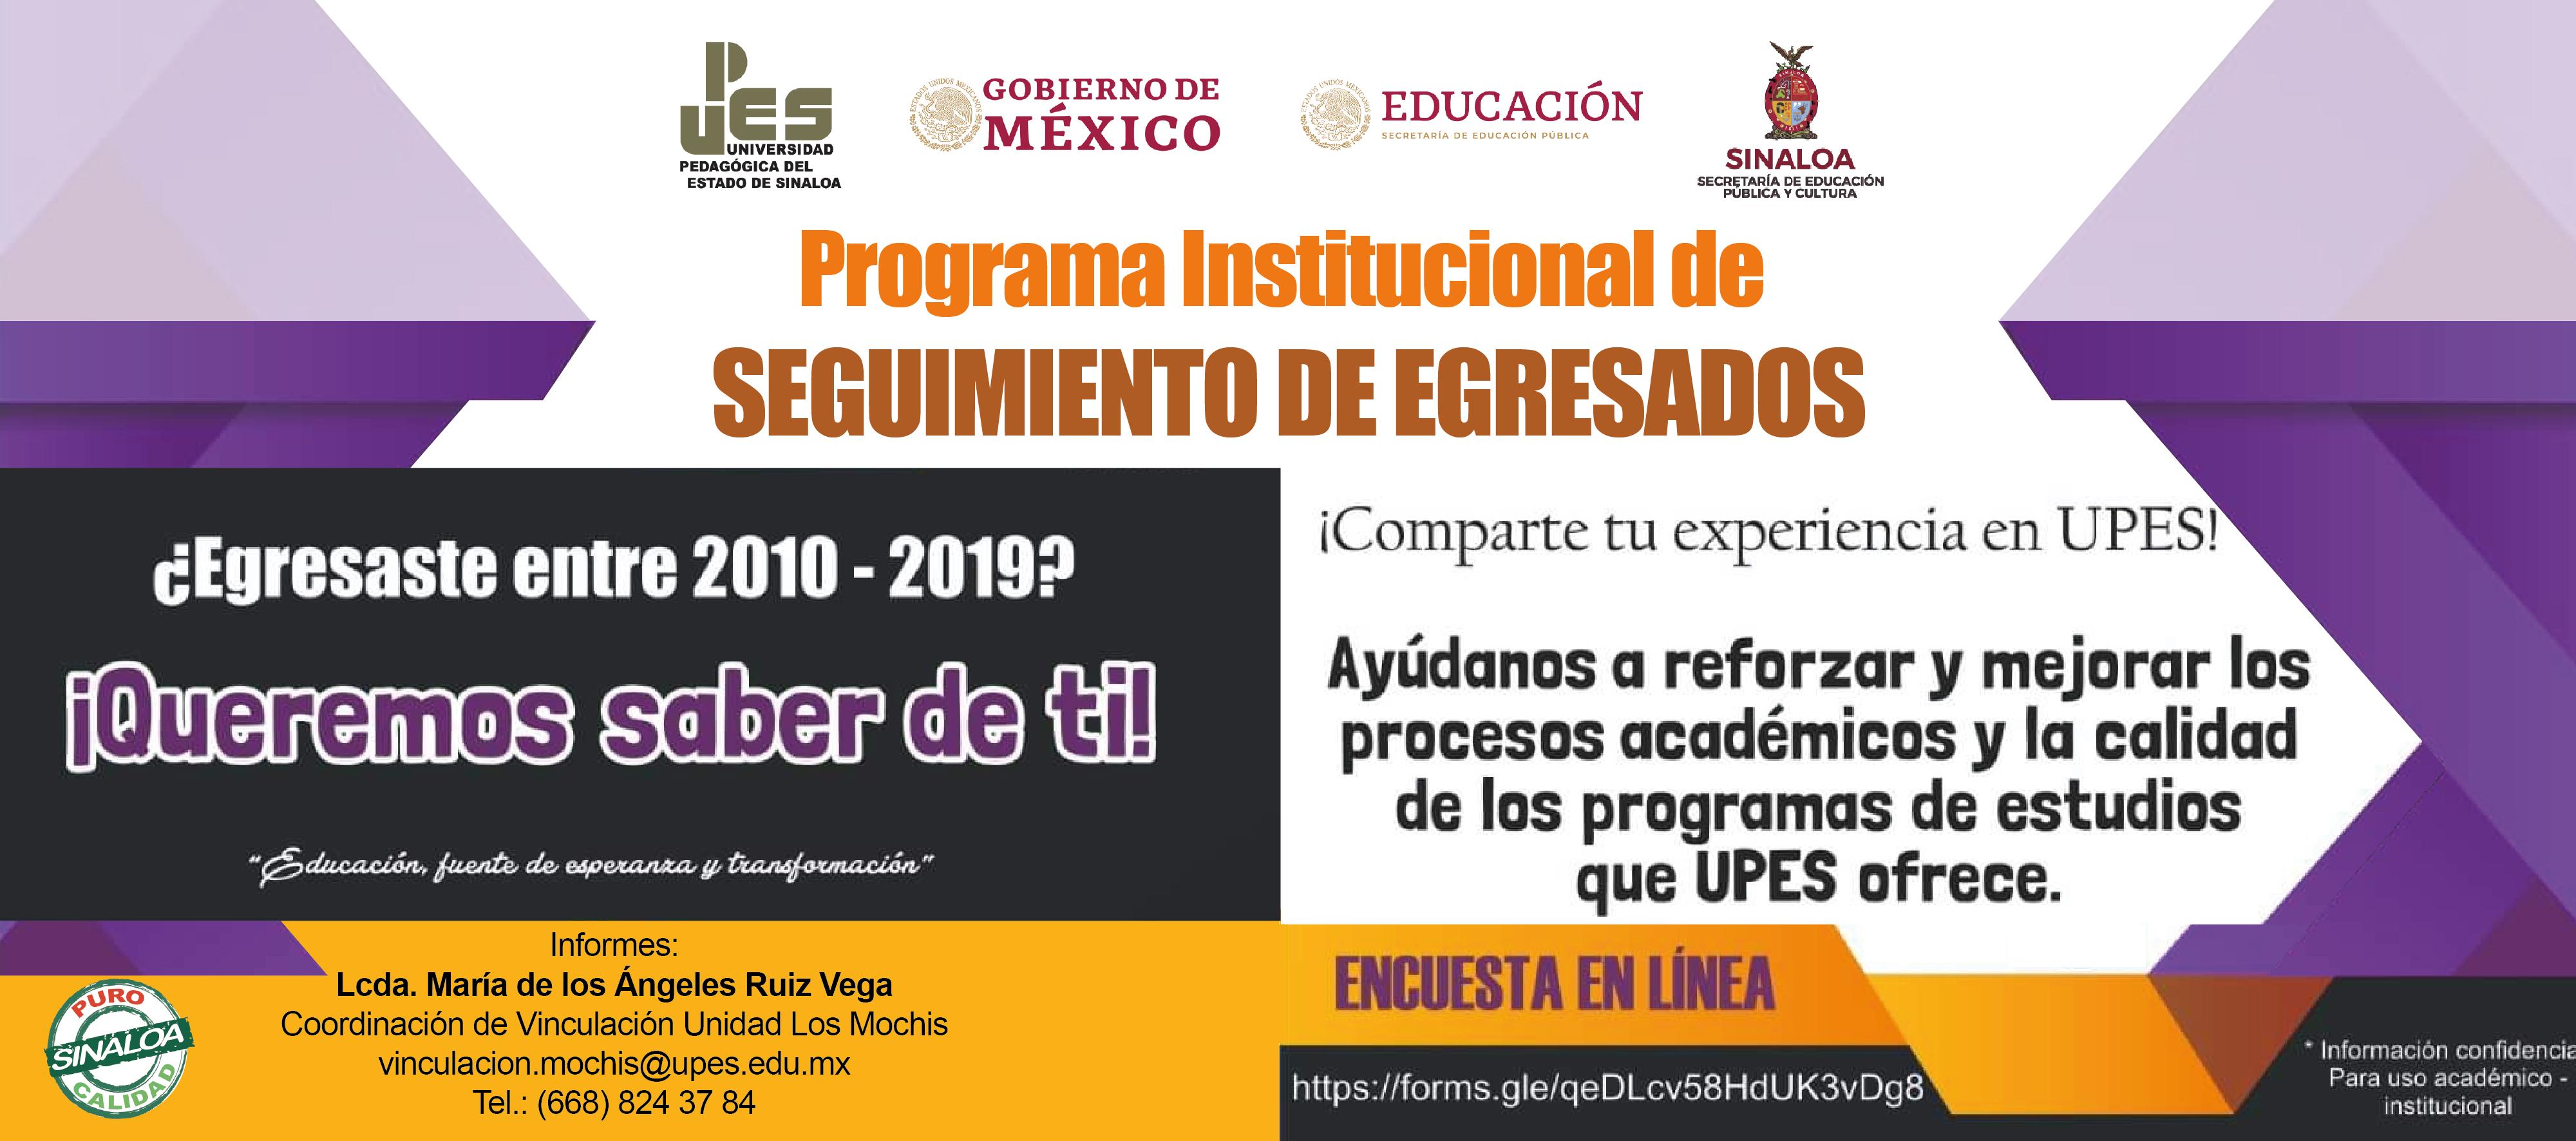 Aviso-CENEVAL-UPES-EGRESADOS_aviso-slider-web-copia_aviso-slider-web-copia